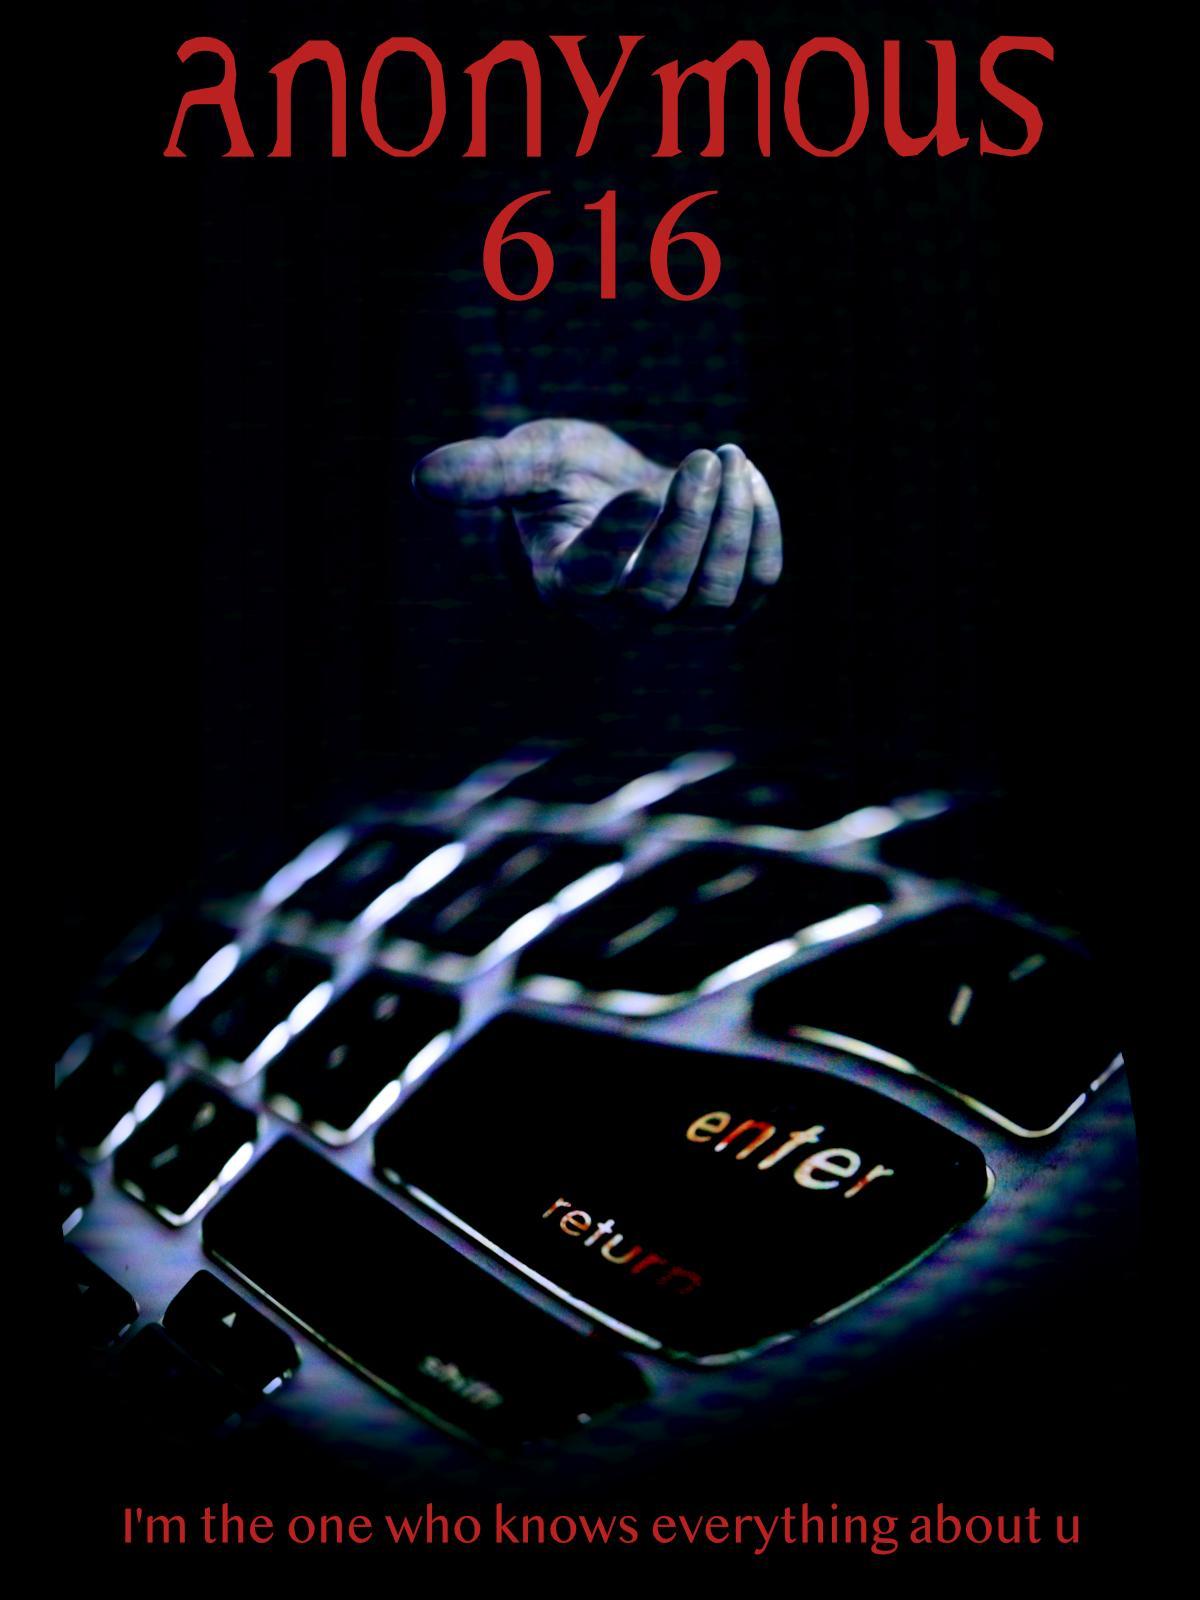 Resultado de imagem para anonymous 616 movie